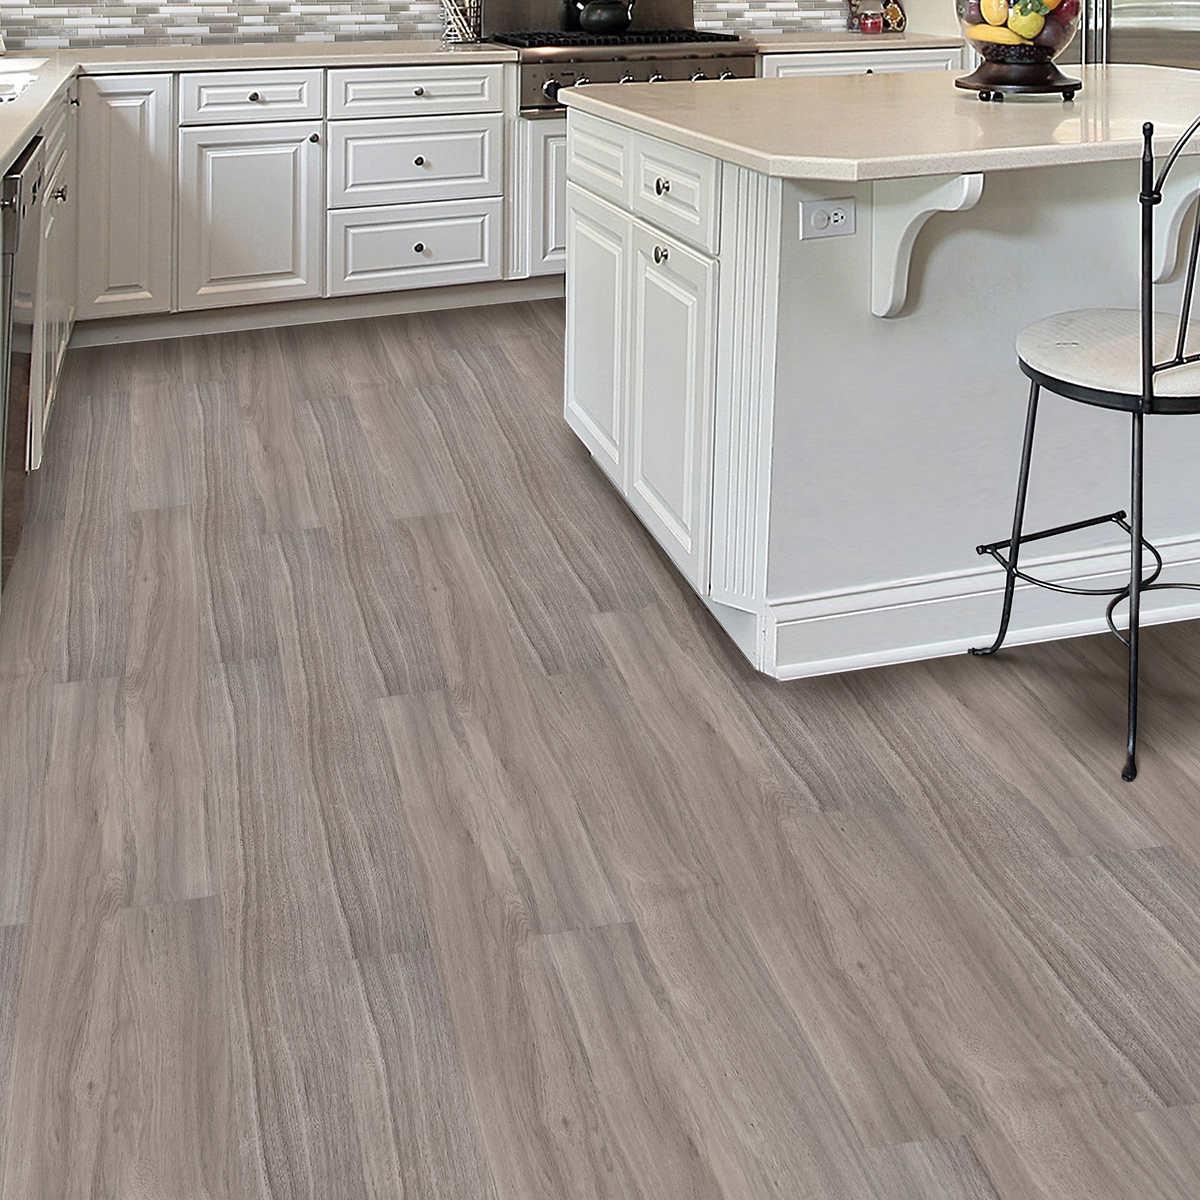 Vinyl Click Plank Flooring Costco Carpet Review